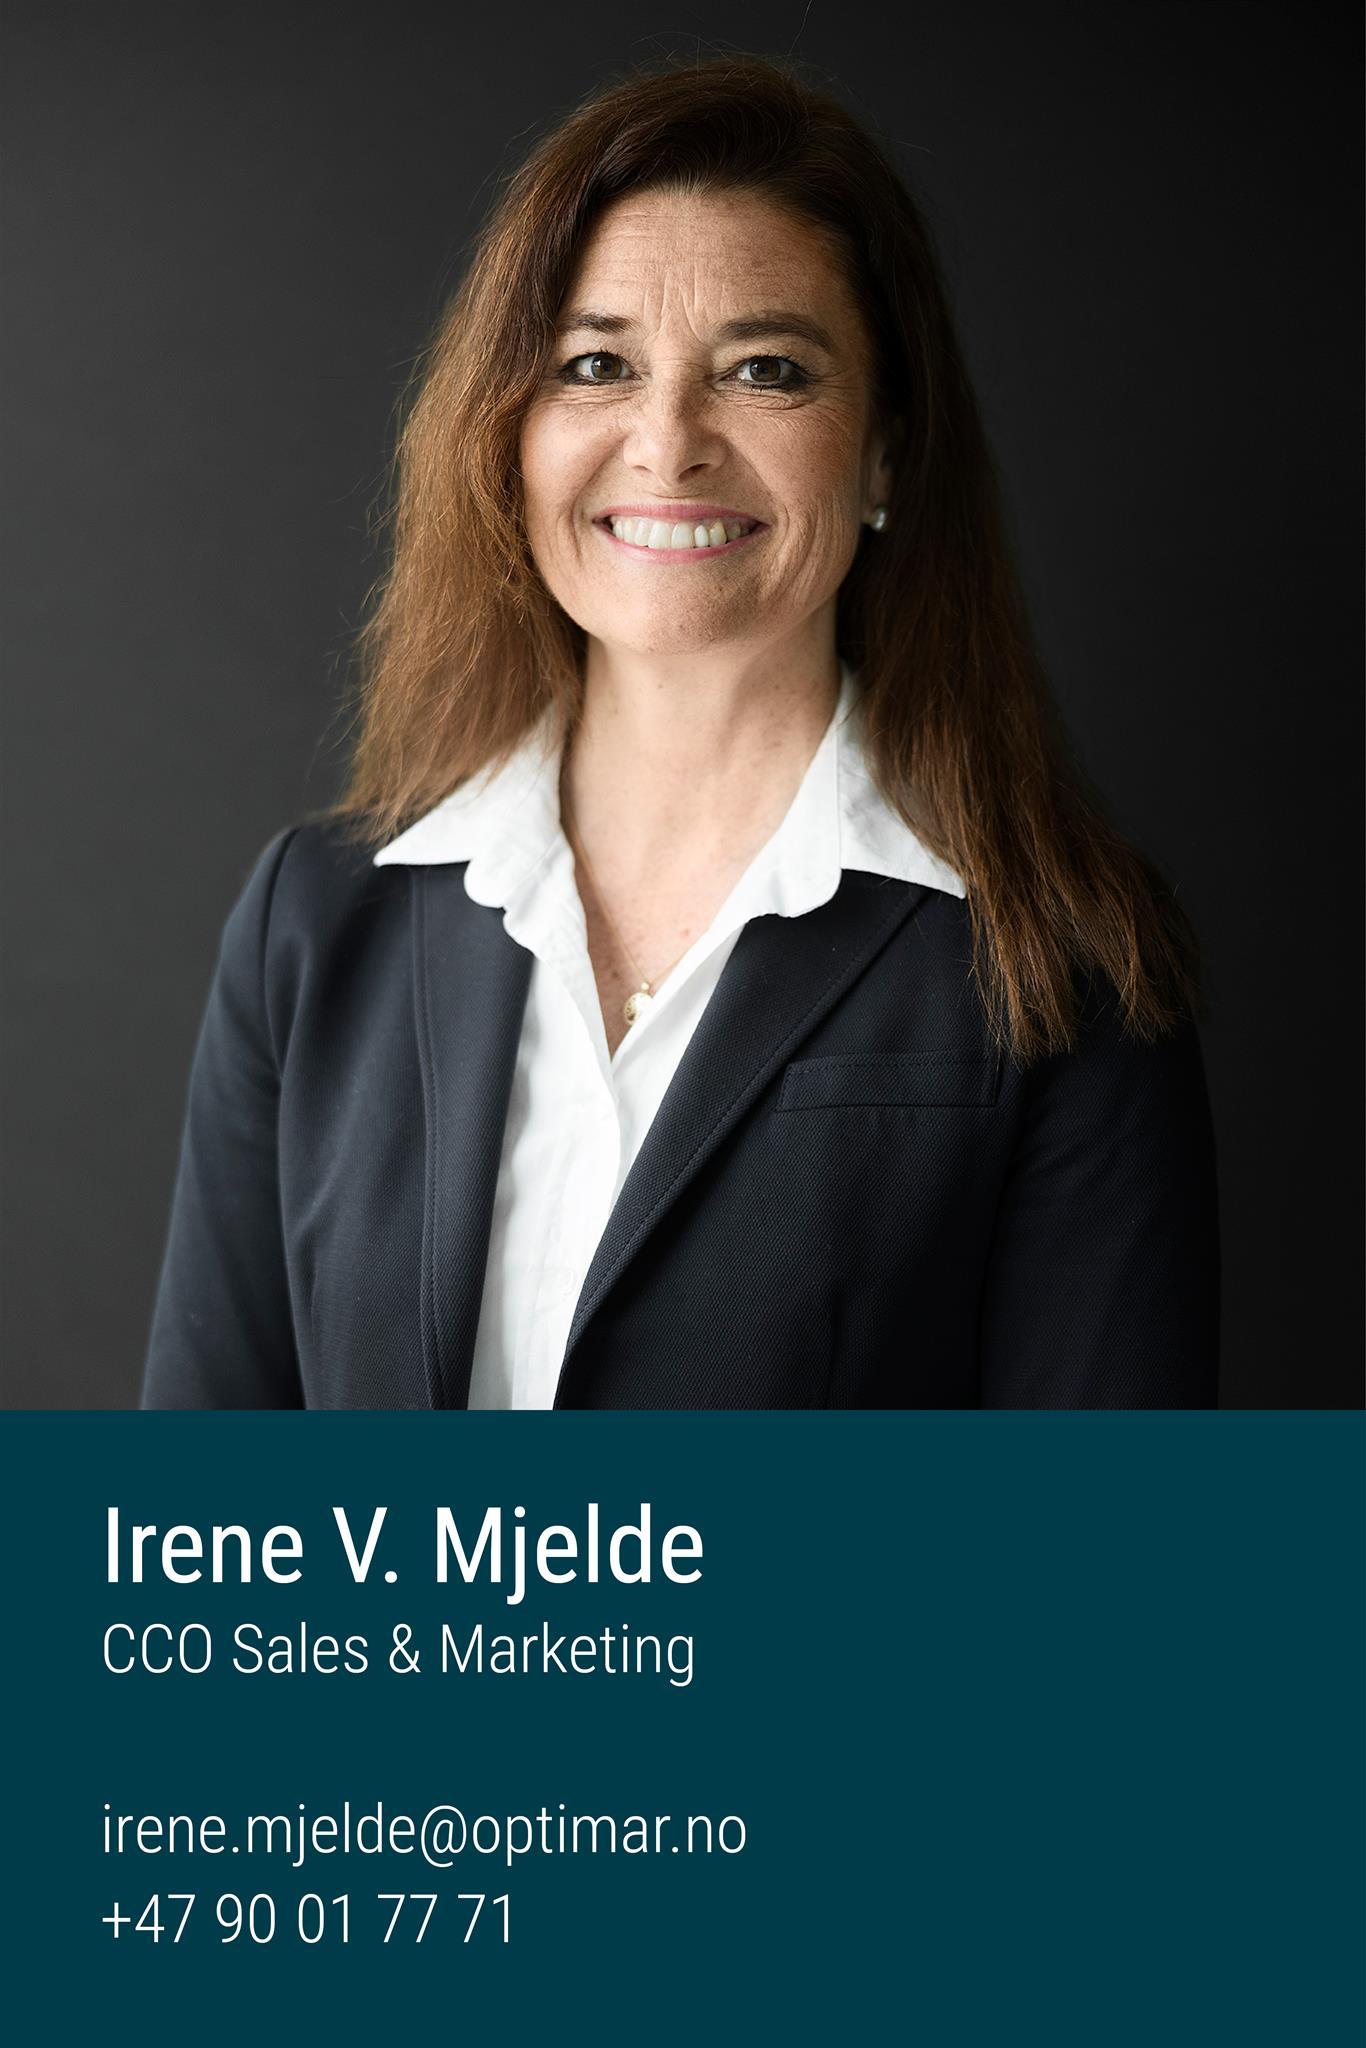 Irene V. Mjelde